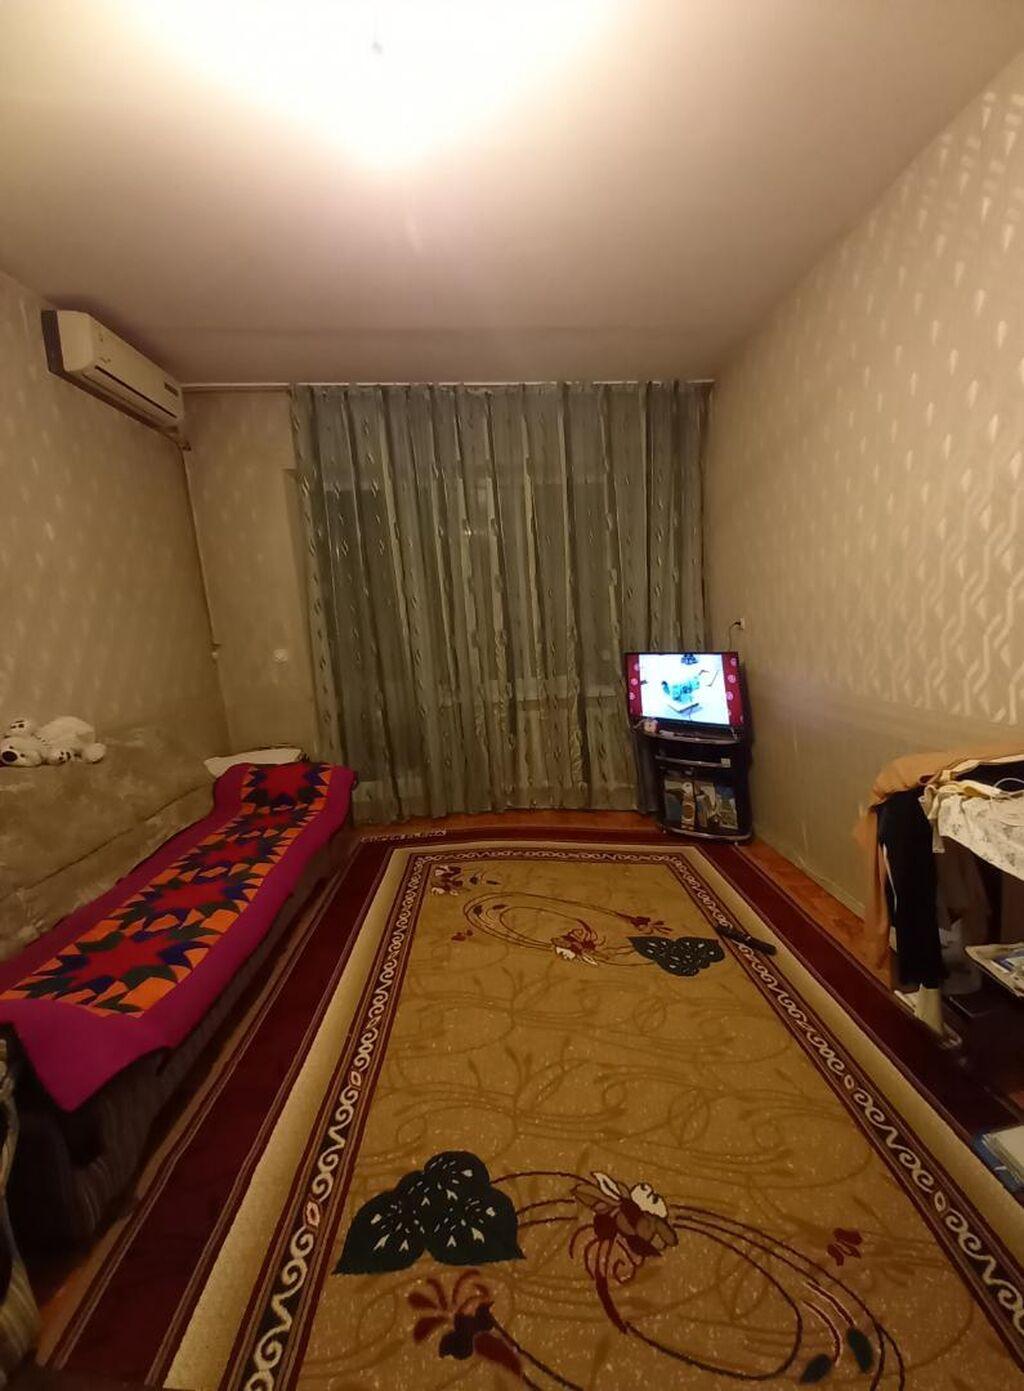 Продается квартира: 106 серия, Моссовет, 2 комнаты, 52 кв. м: Продается квартира: 106 серия, Моссовет, 2 комнаты, 52 кв. м